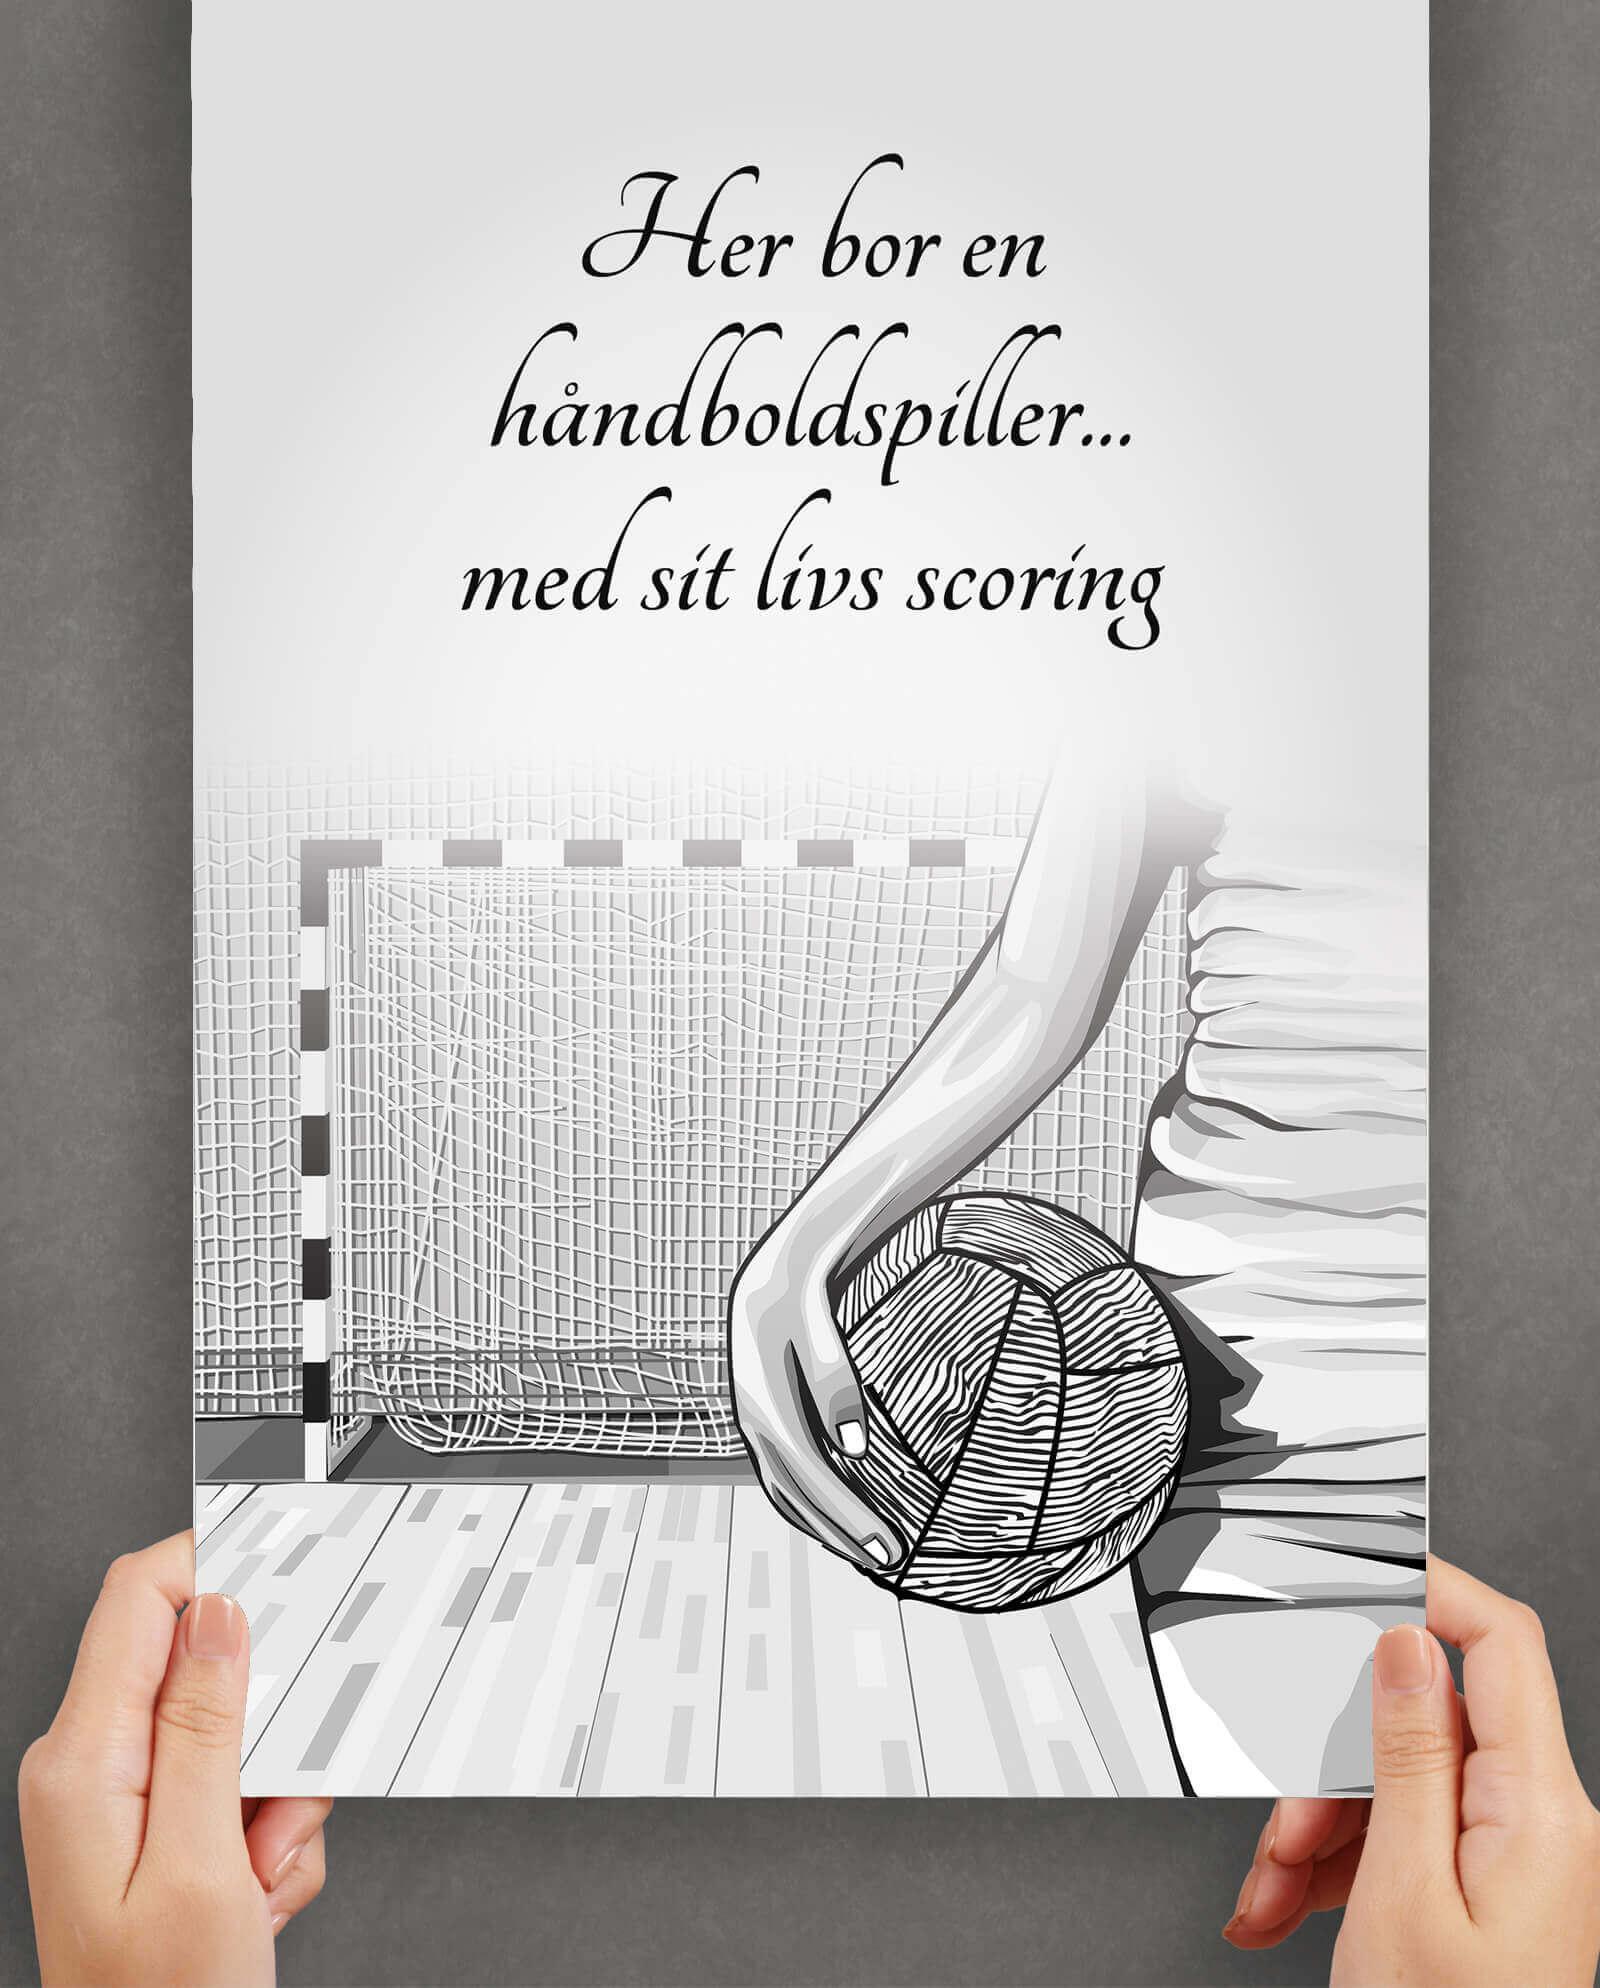 haanboldspiller-arbejde-plakat-1